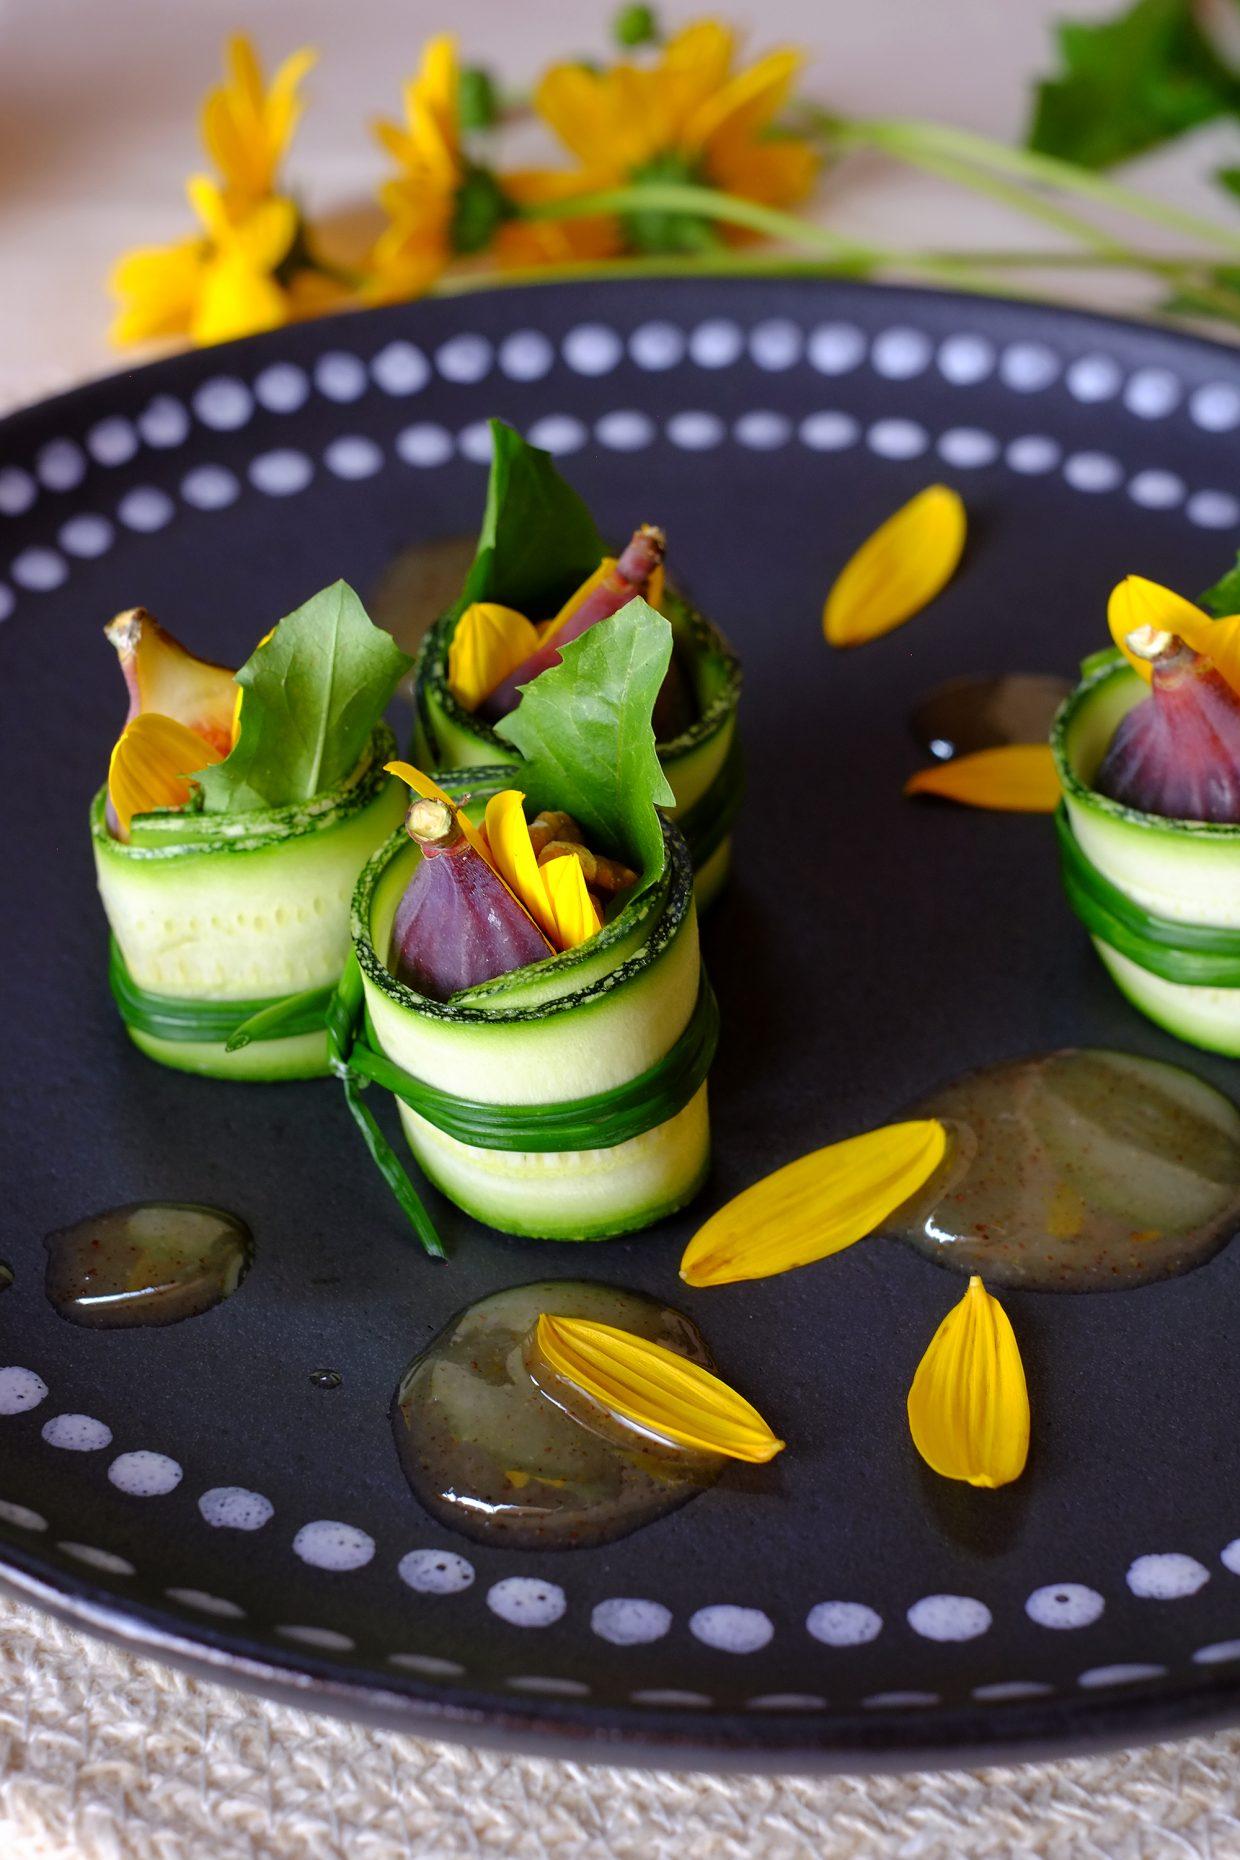 Involtini di fichi e zucchine con petali di topinambur e foglie di tarassaco 20